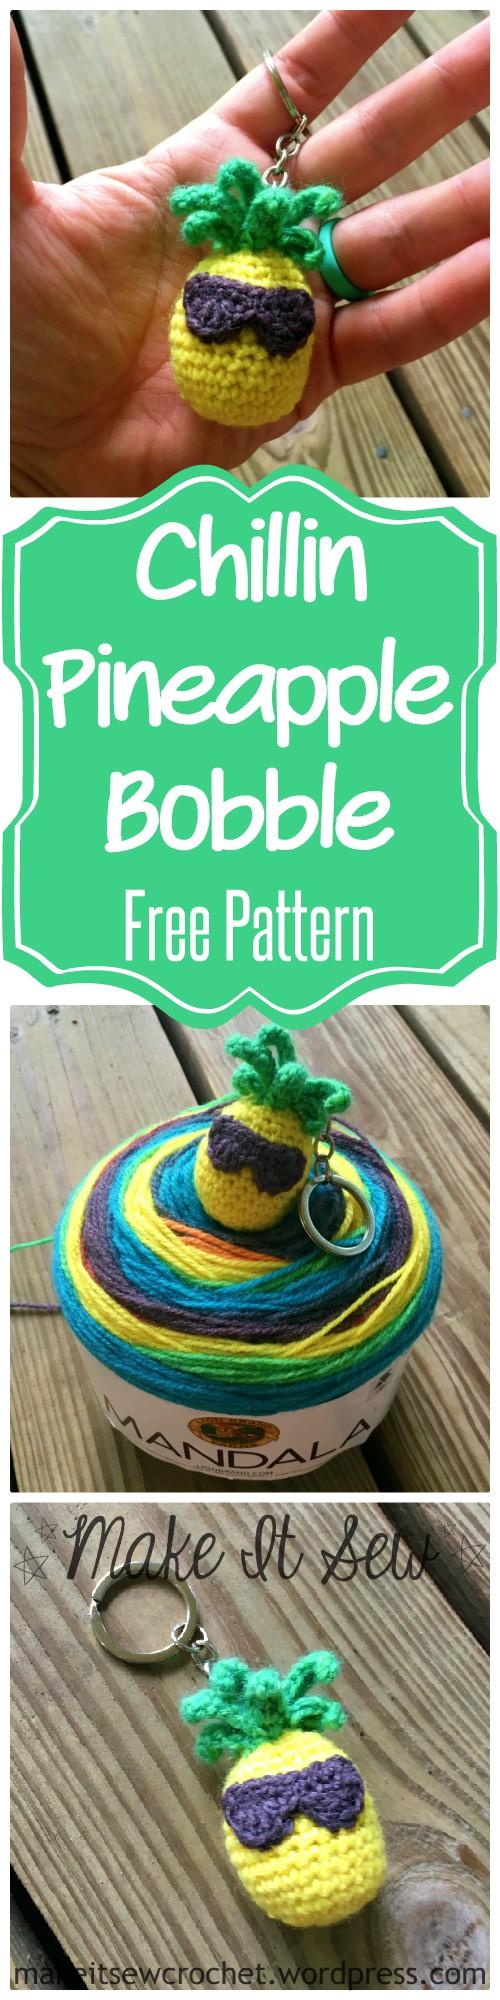 Chillin Pineapple Keychain Free Crochet Pattern Make It Sew Crochet Blog